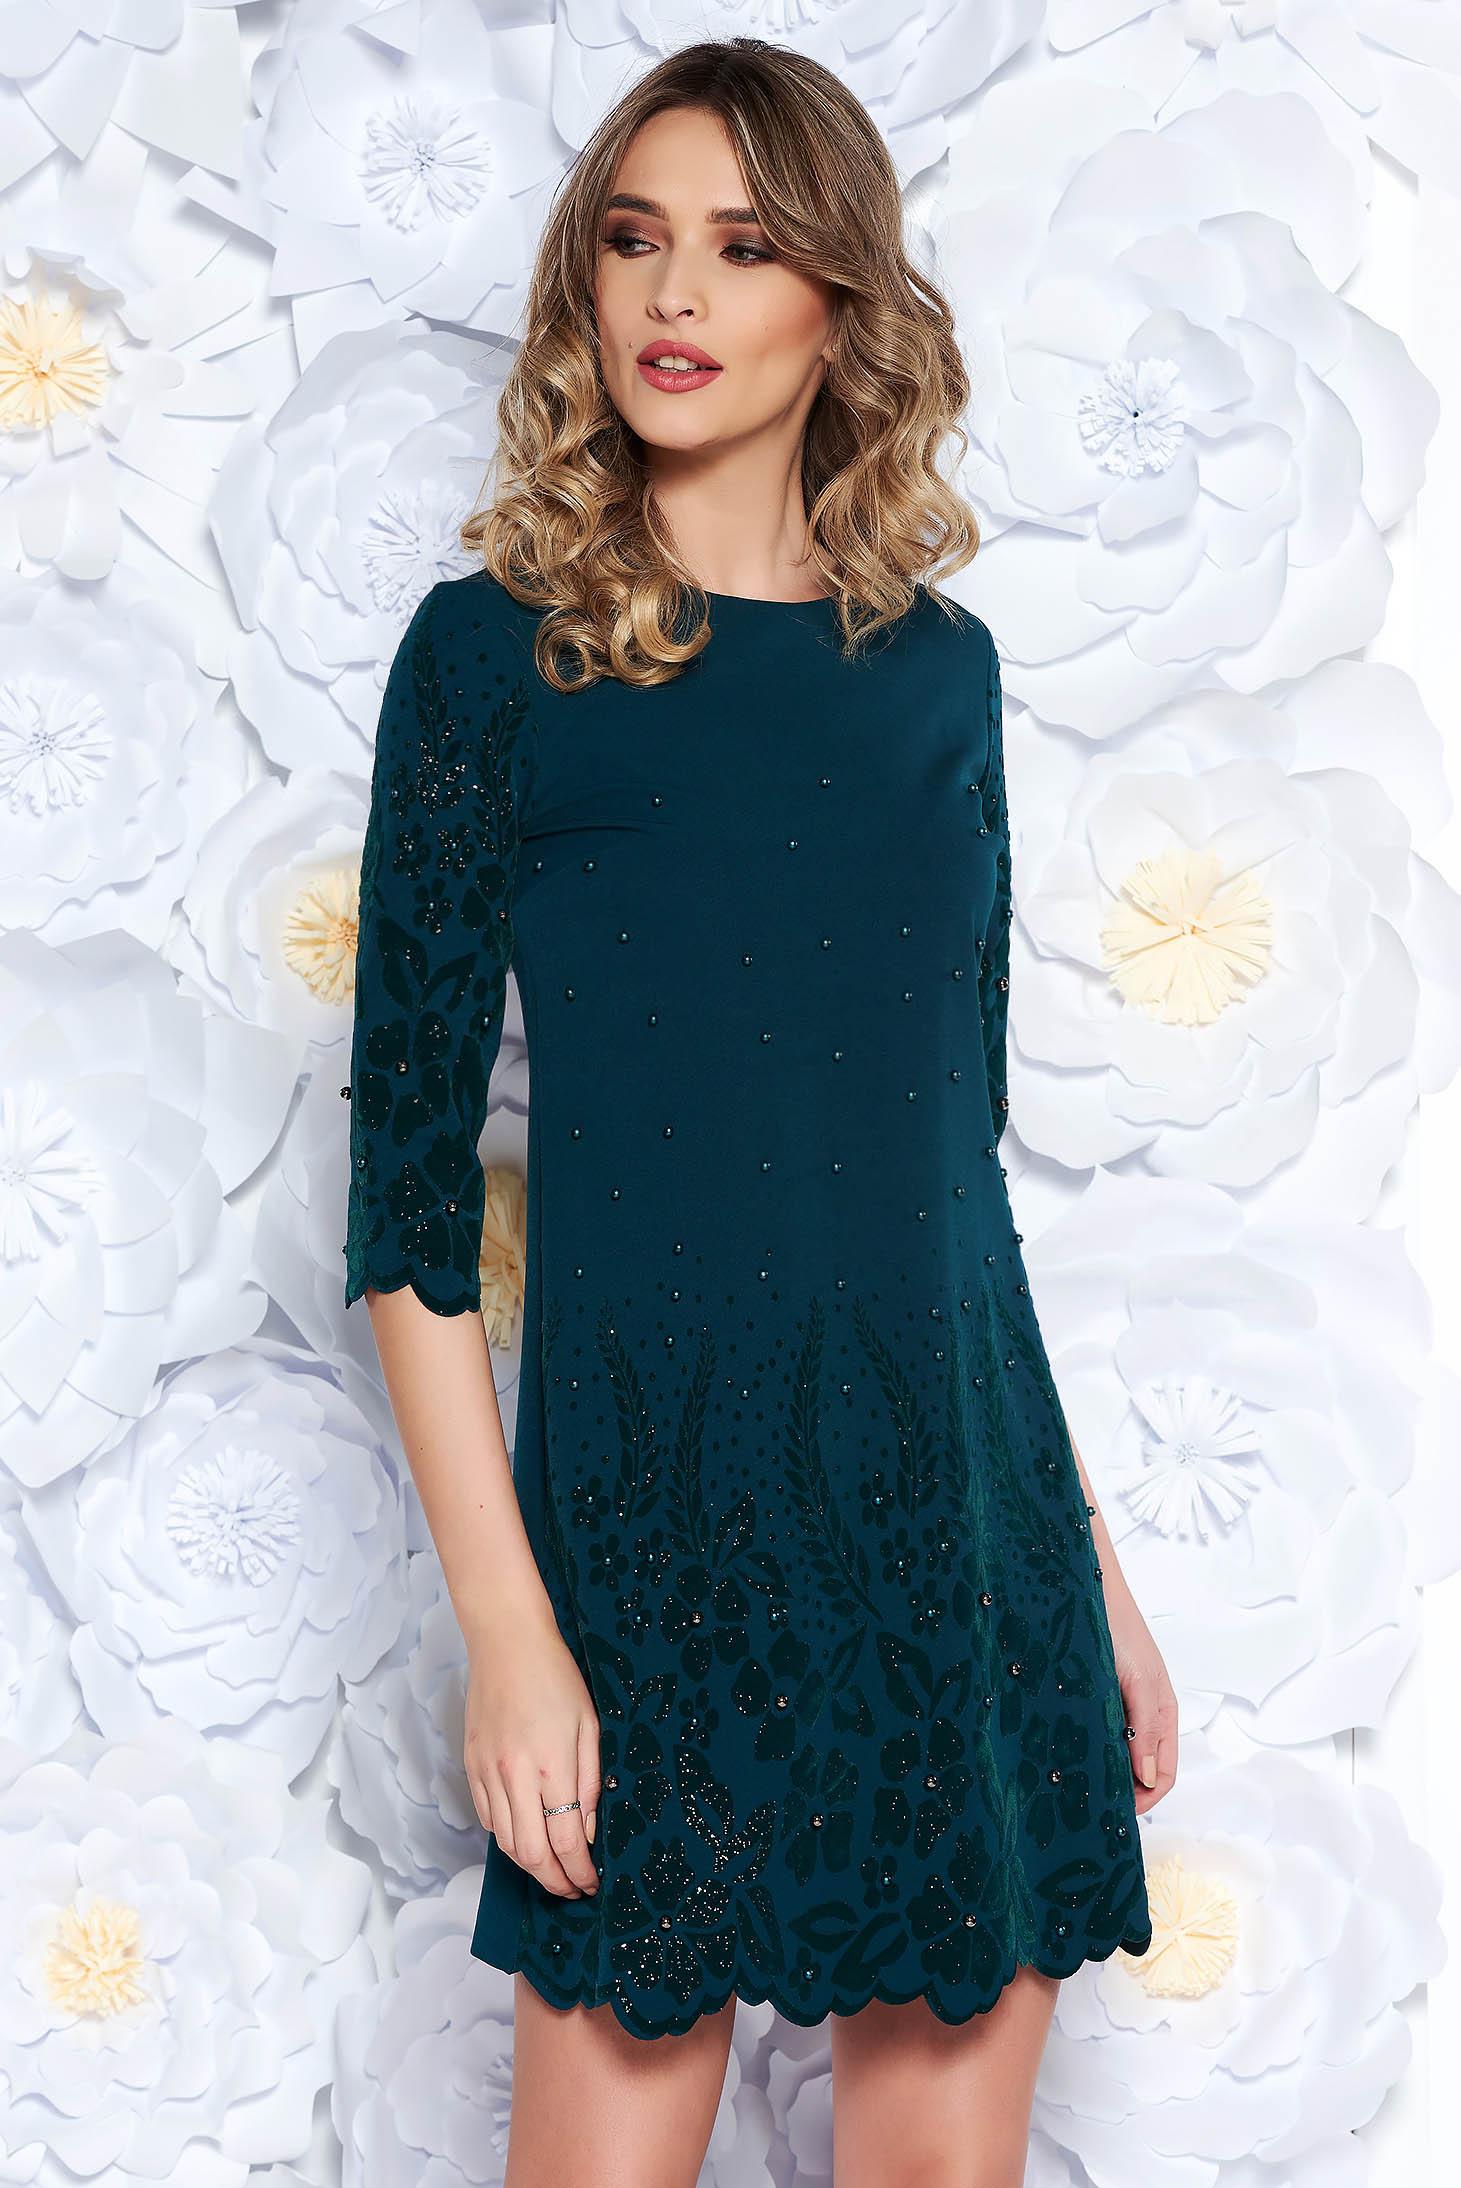 Rochie verde-inchis eleganta cu un croi drept din stofa usor elastica cu aplicatii cu perle